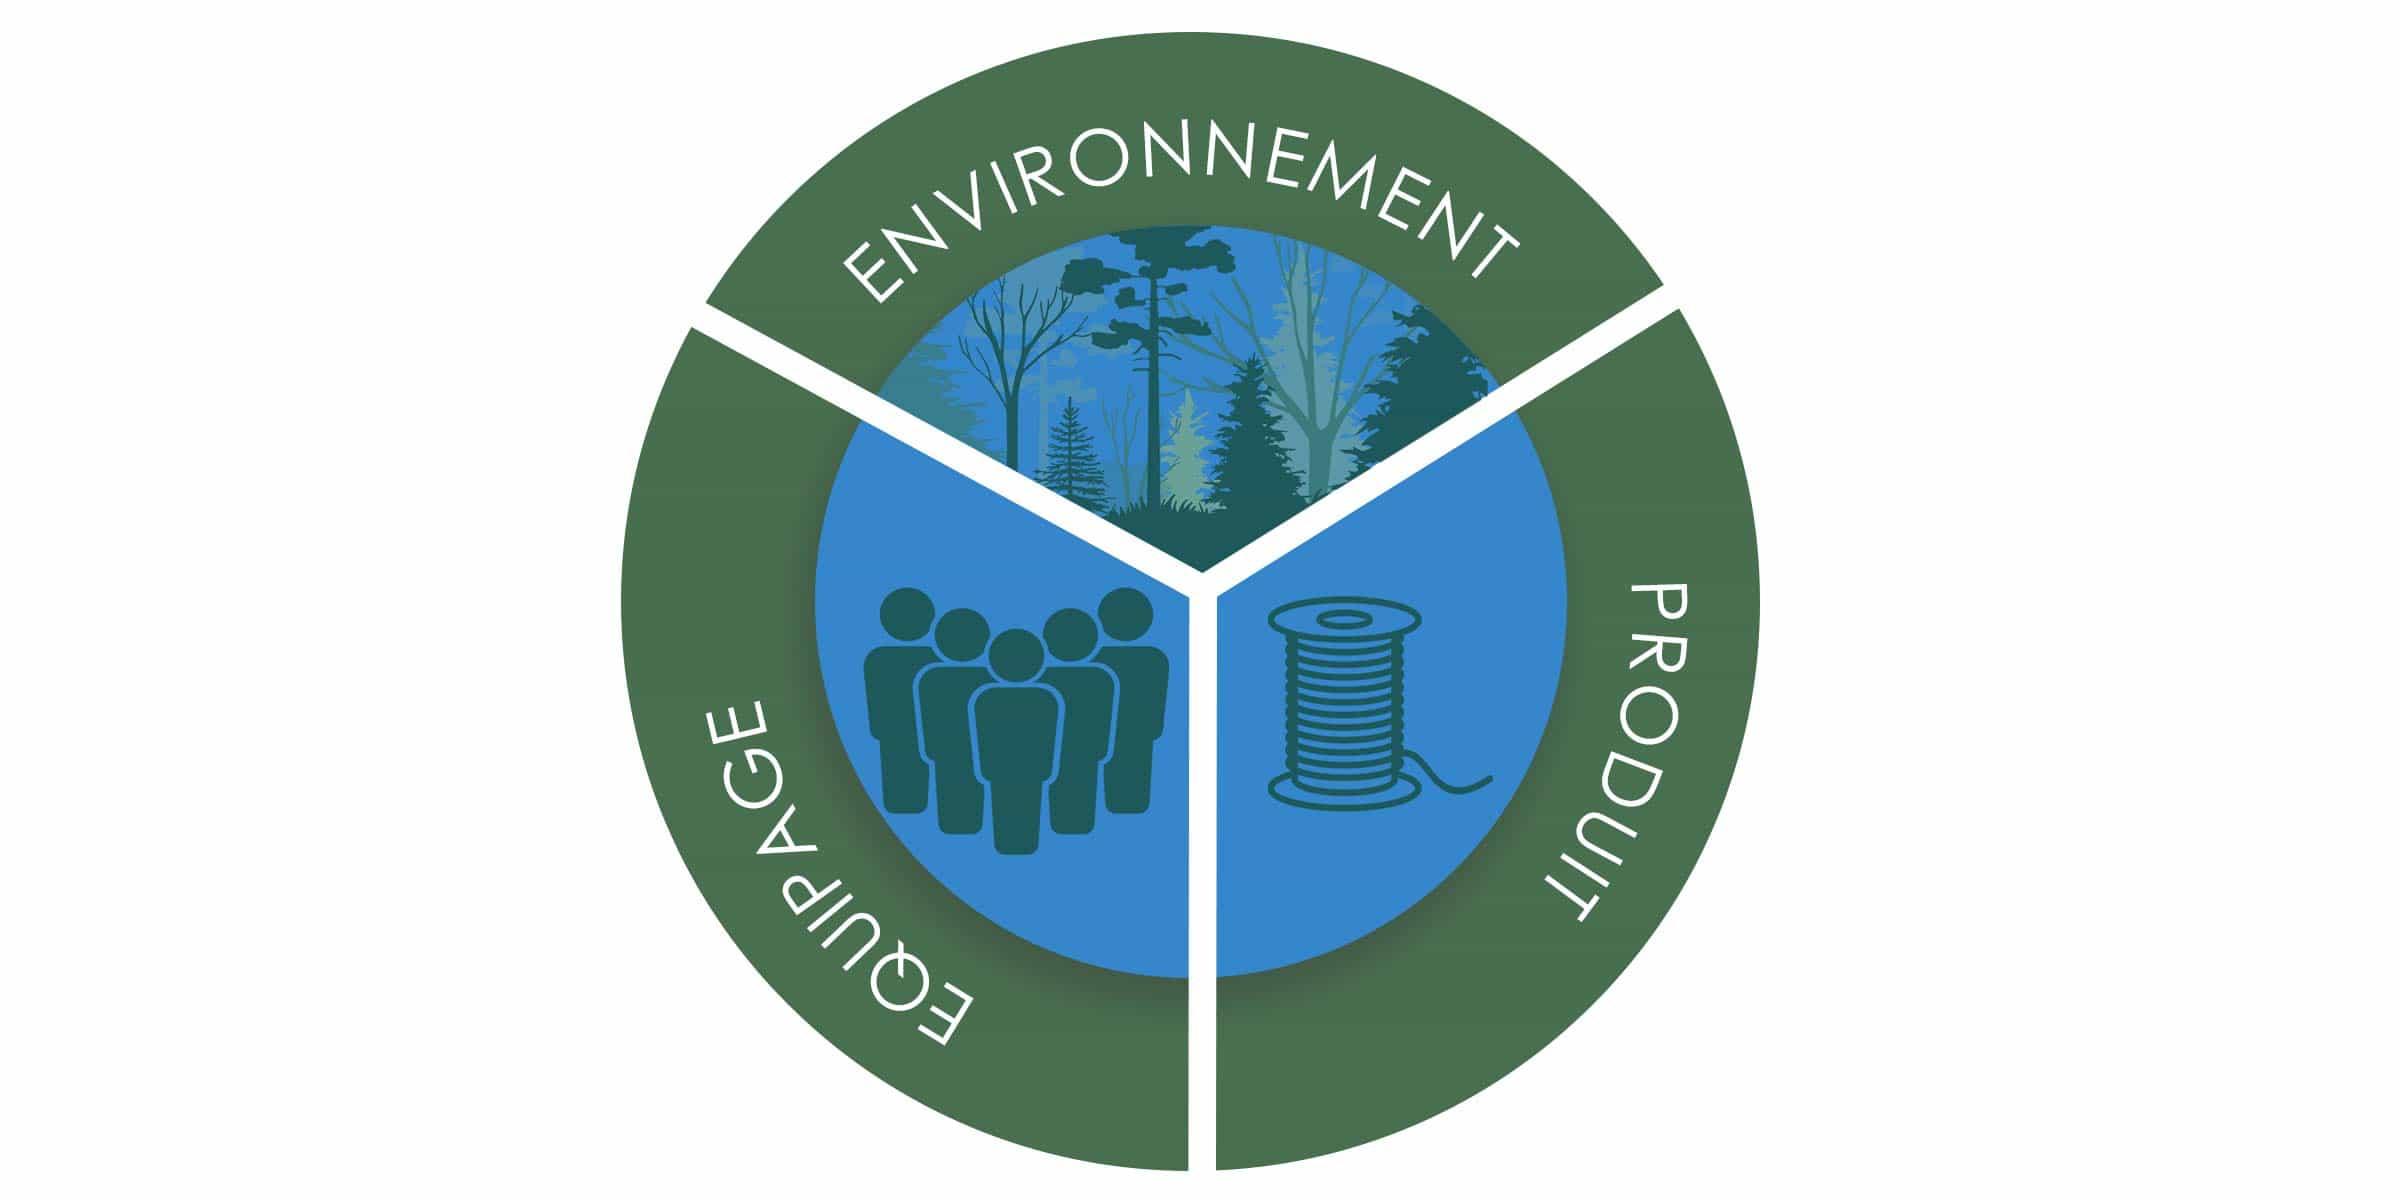 politique d'enterprise eco-friendly